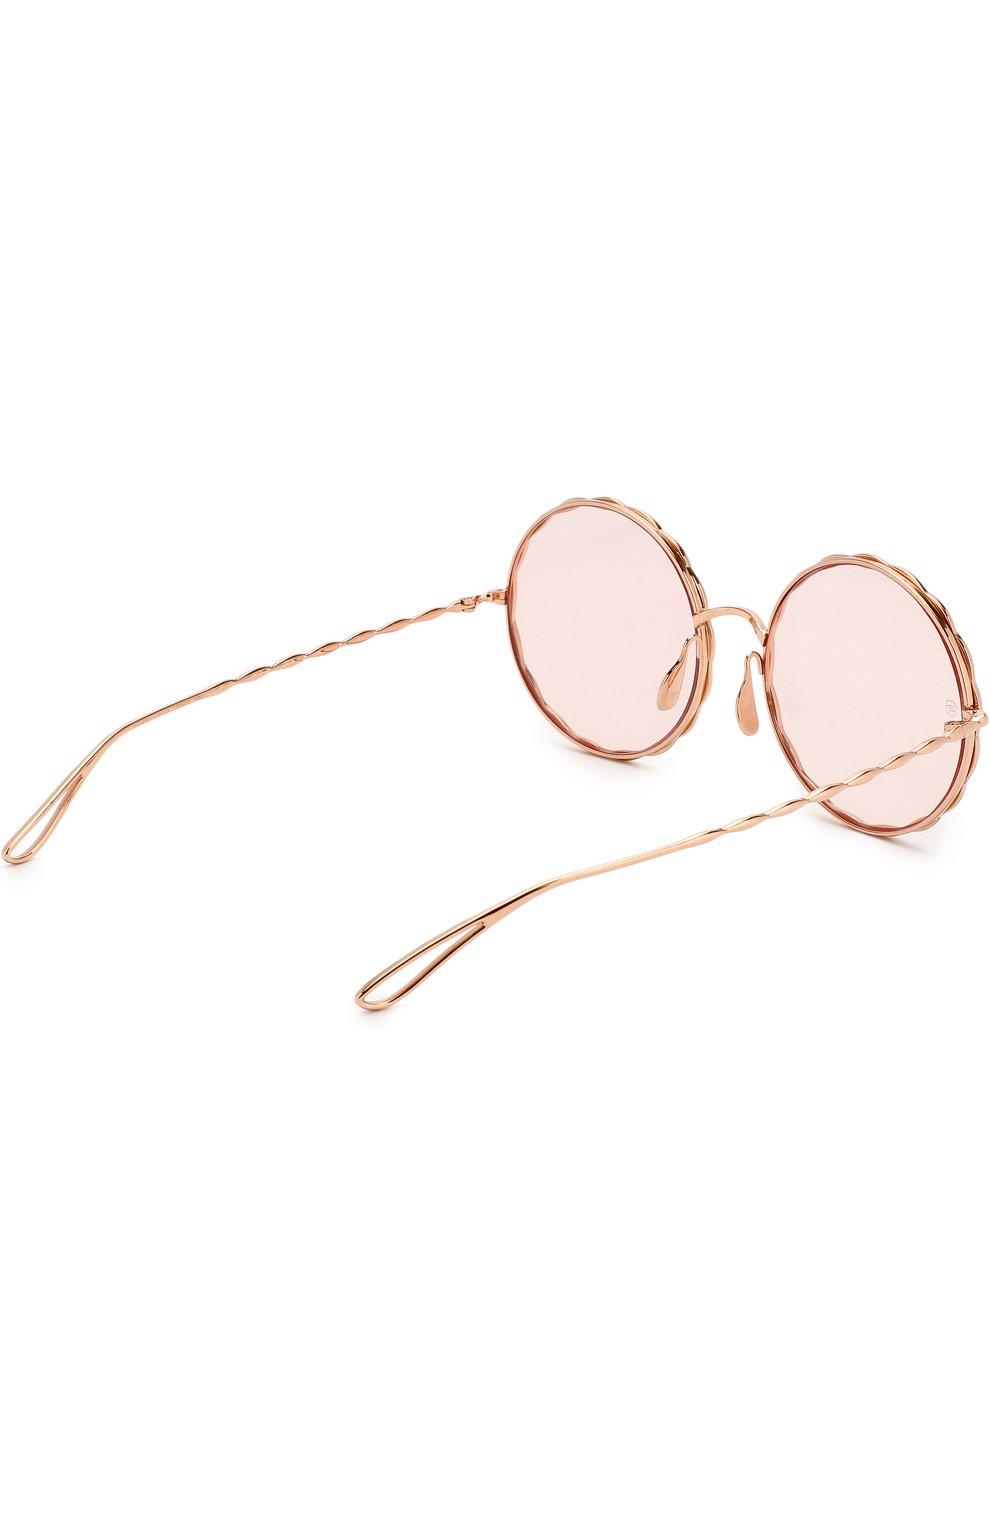 Солнцезащитные очки Elie Saab золотые   Фото №3